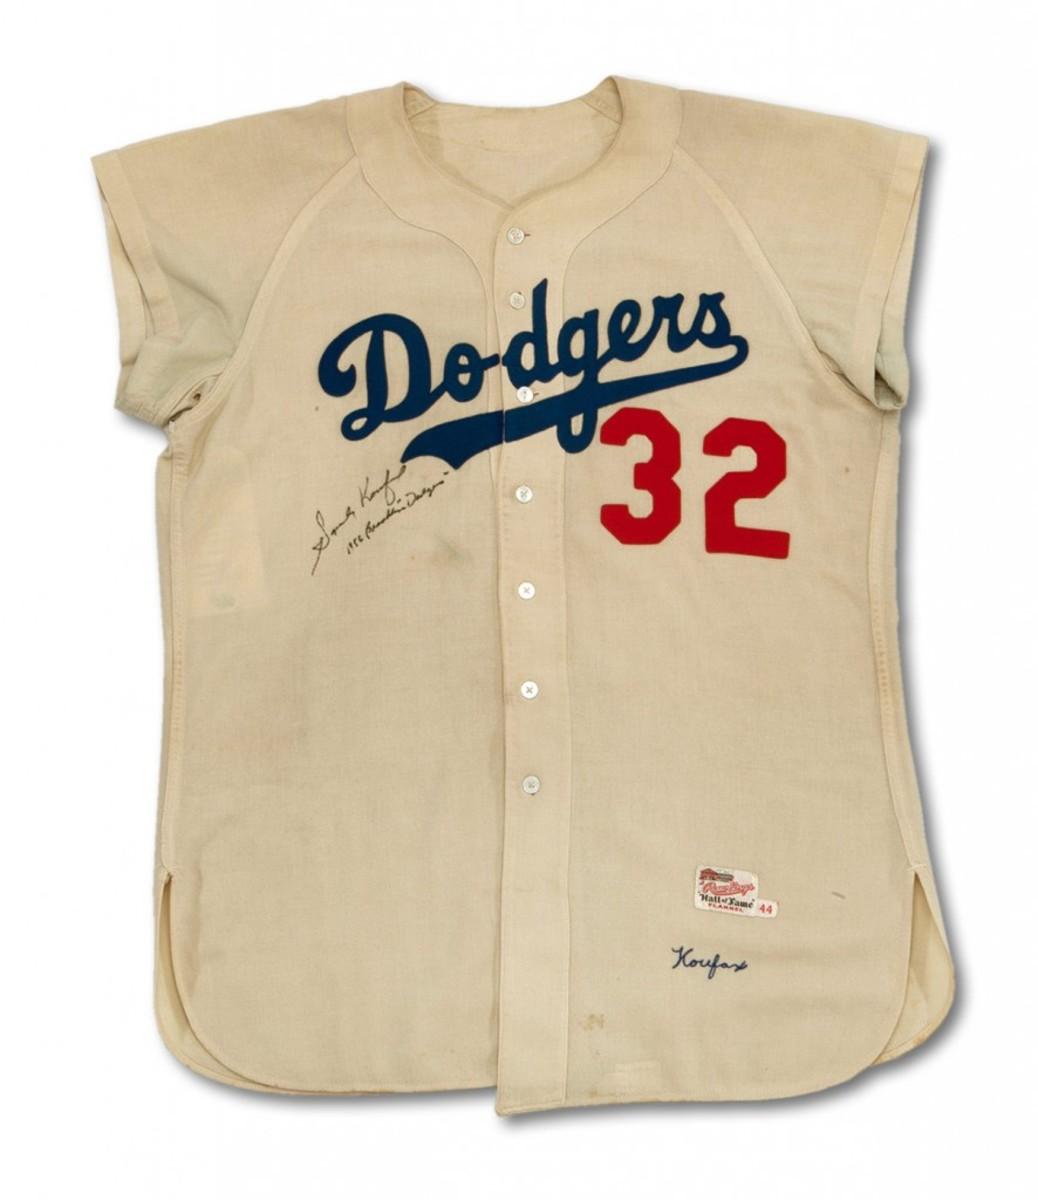 Koufax '56 Jersey